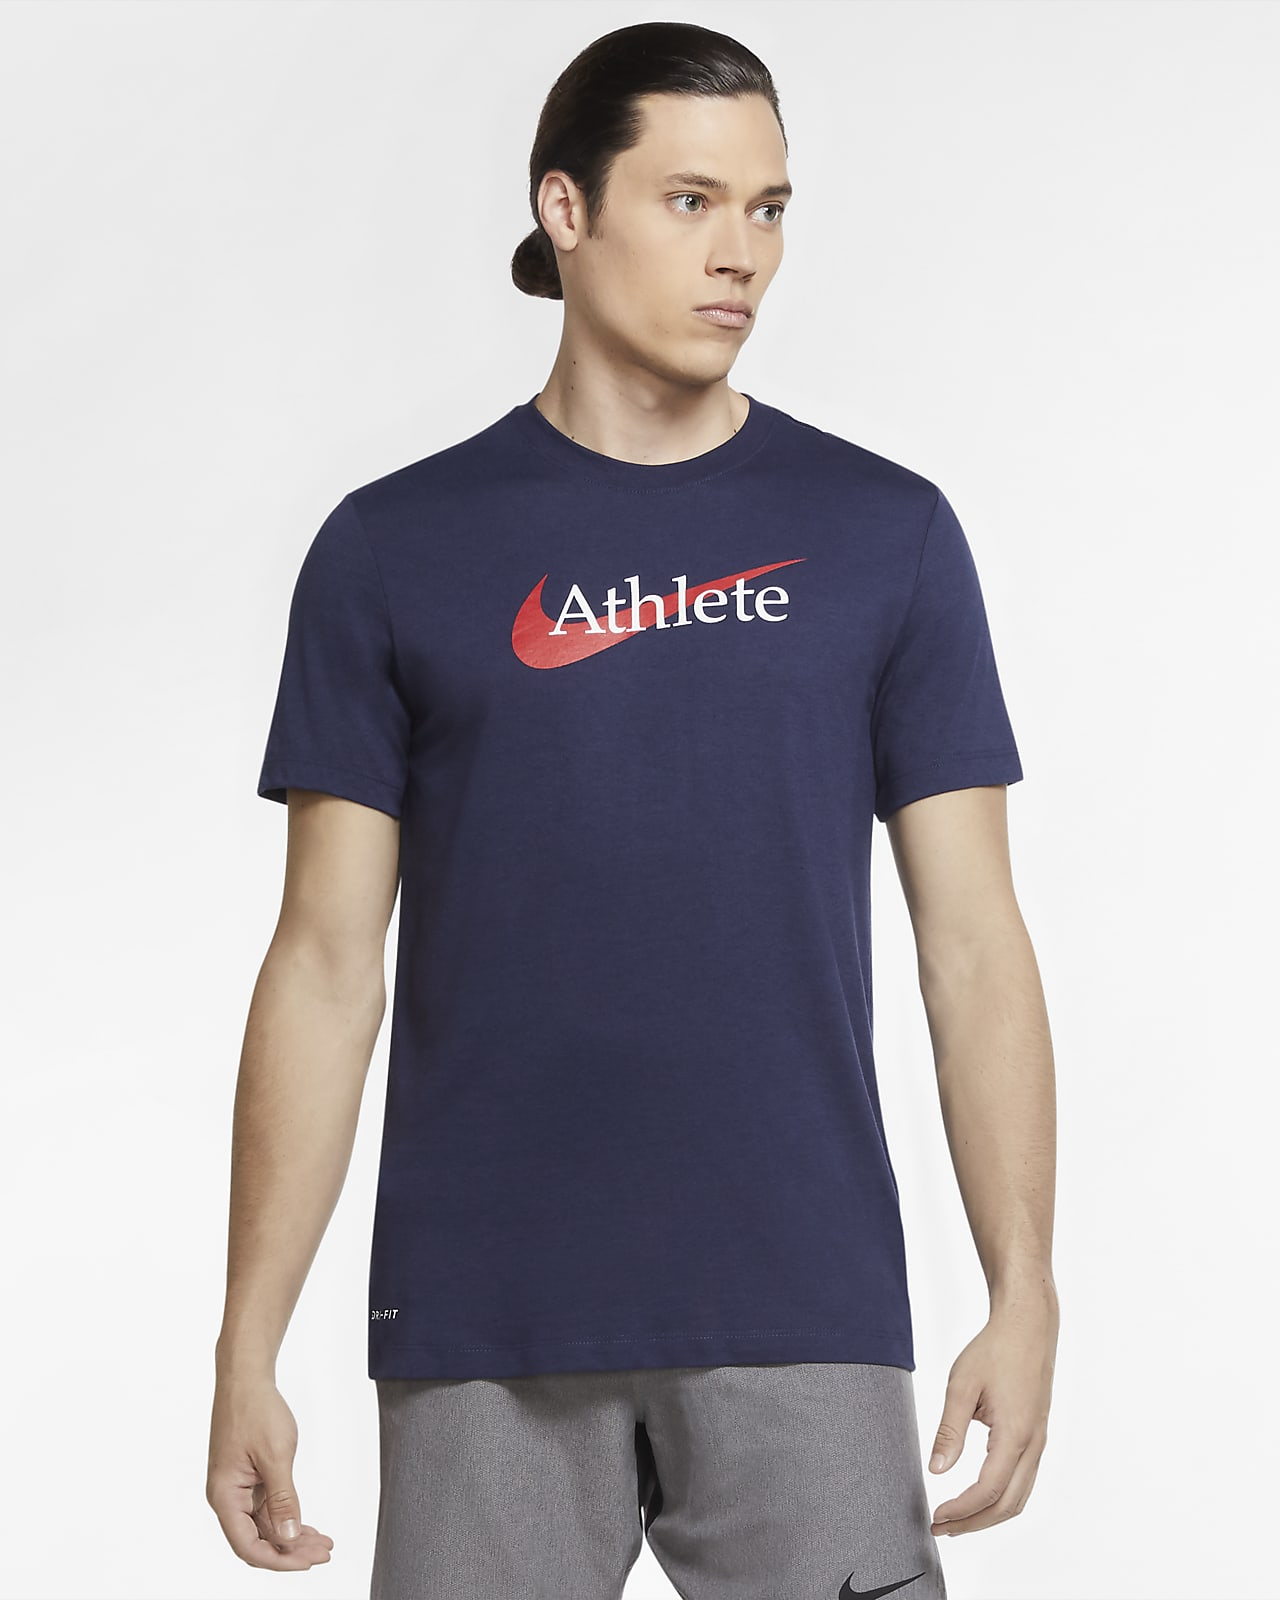 Nike Dri-FIT Trainingsshirt met Swoosh voor heren